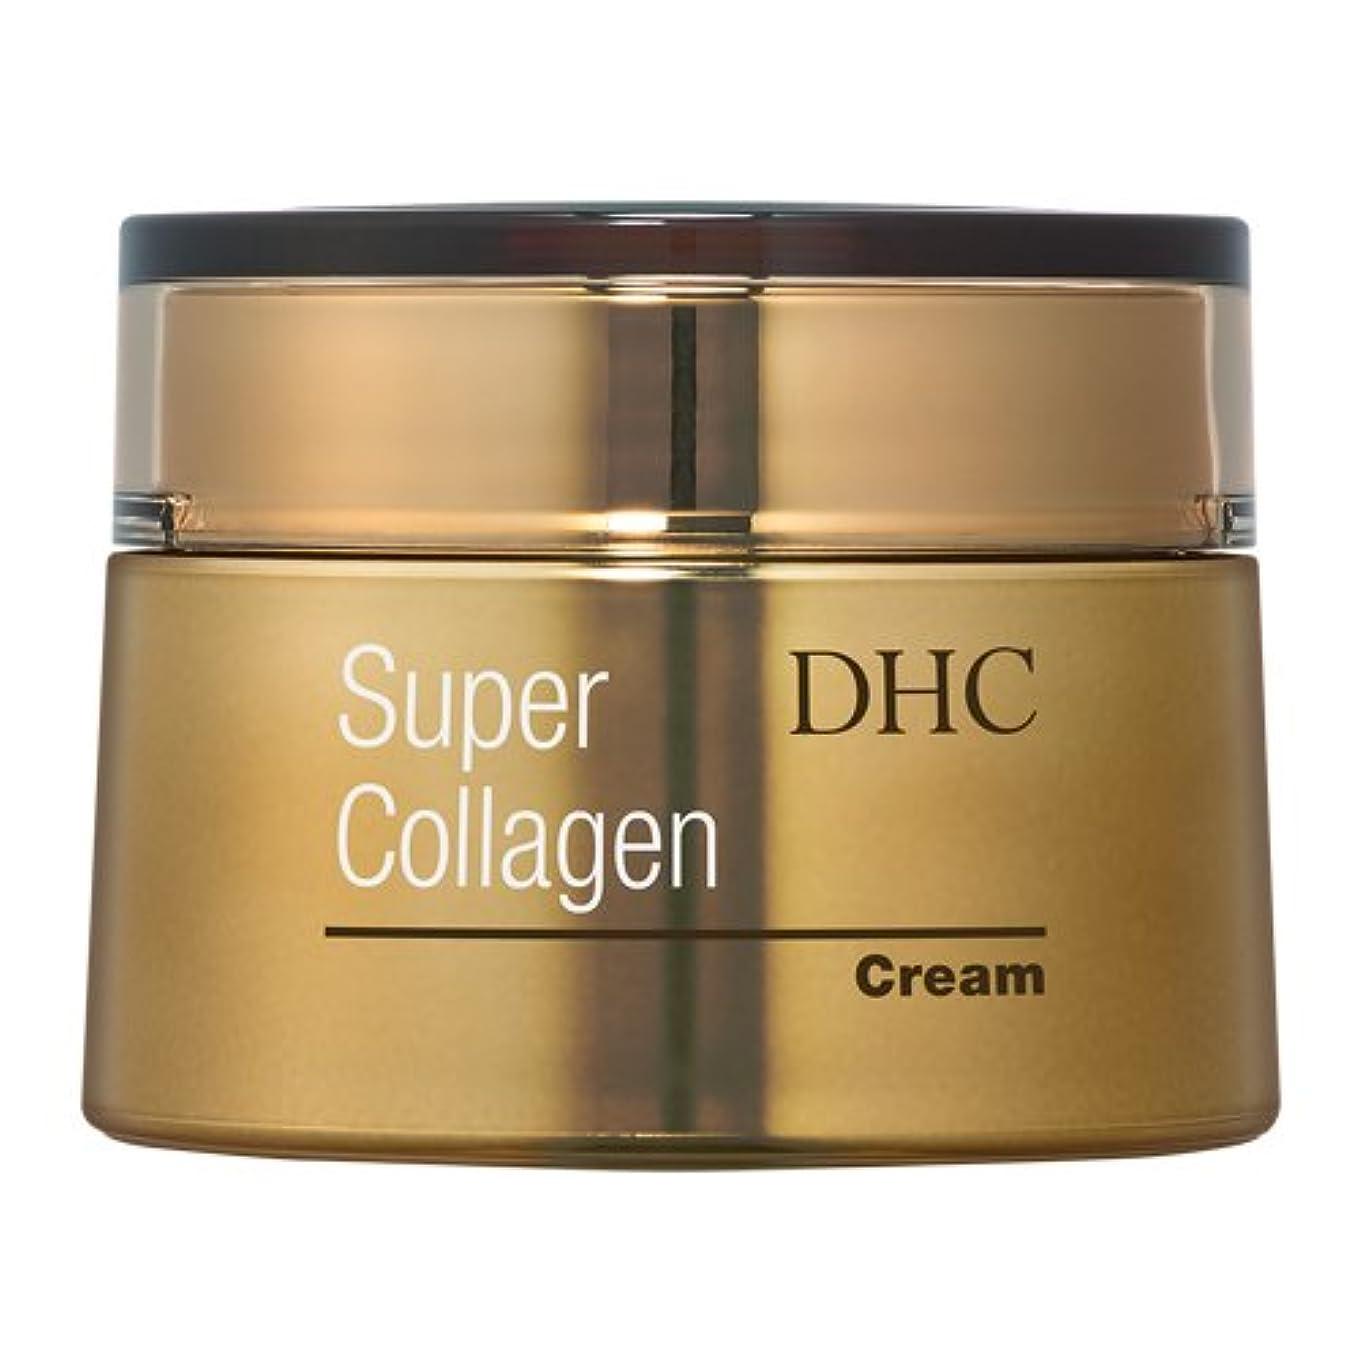 クラフト名詞乗算DHCスーパーコラーゲン クリーム